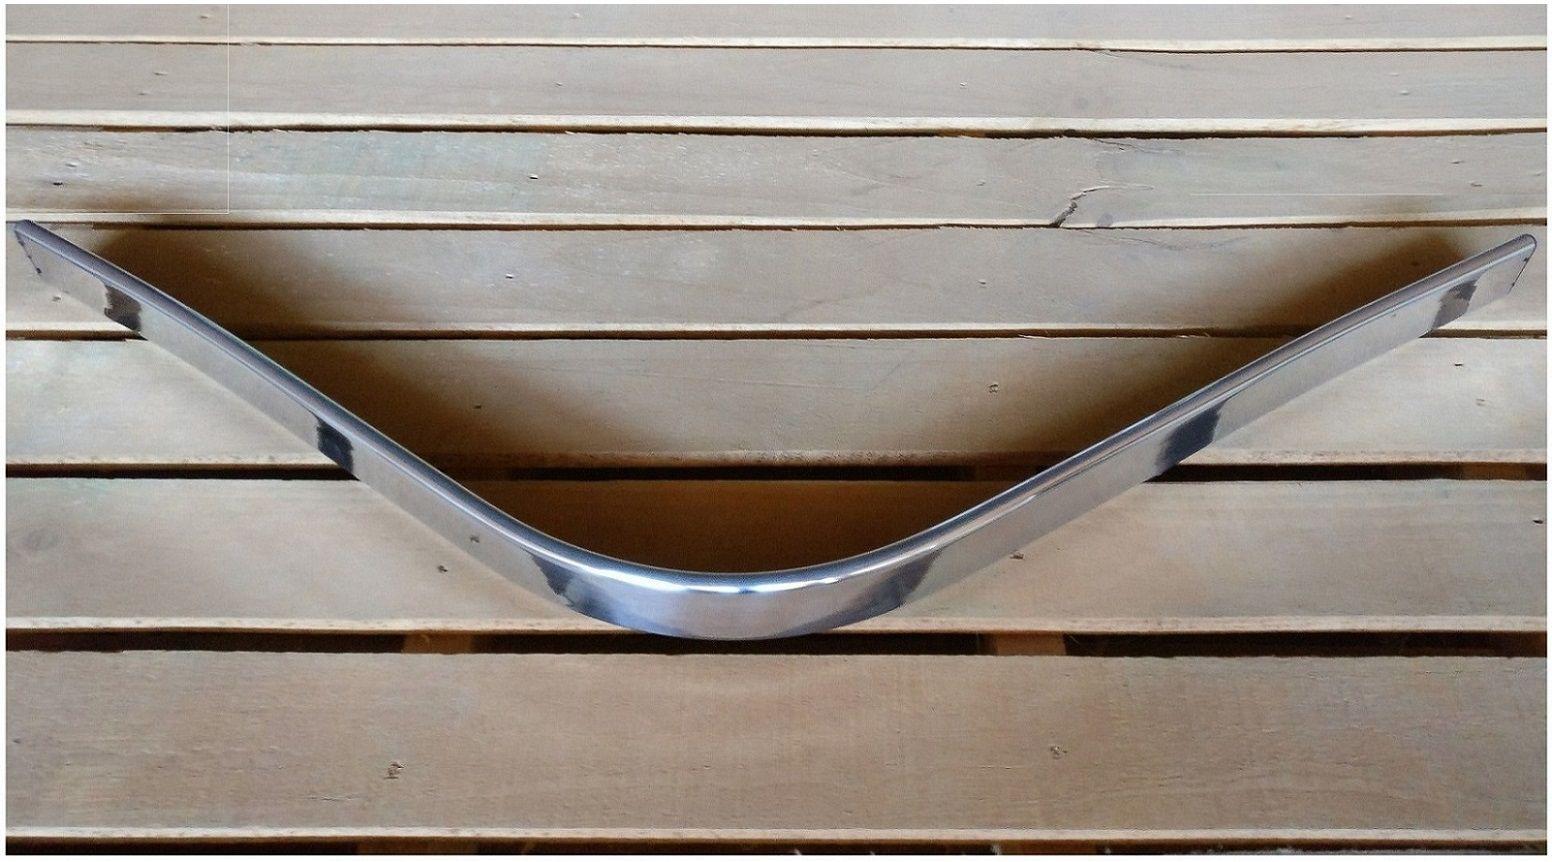 Kit Par de Braço em Alumínio Com Bucha Pra Cadeira Poltrona